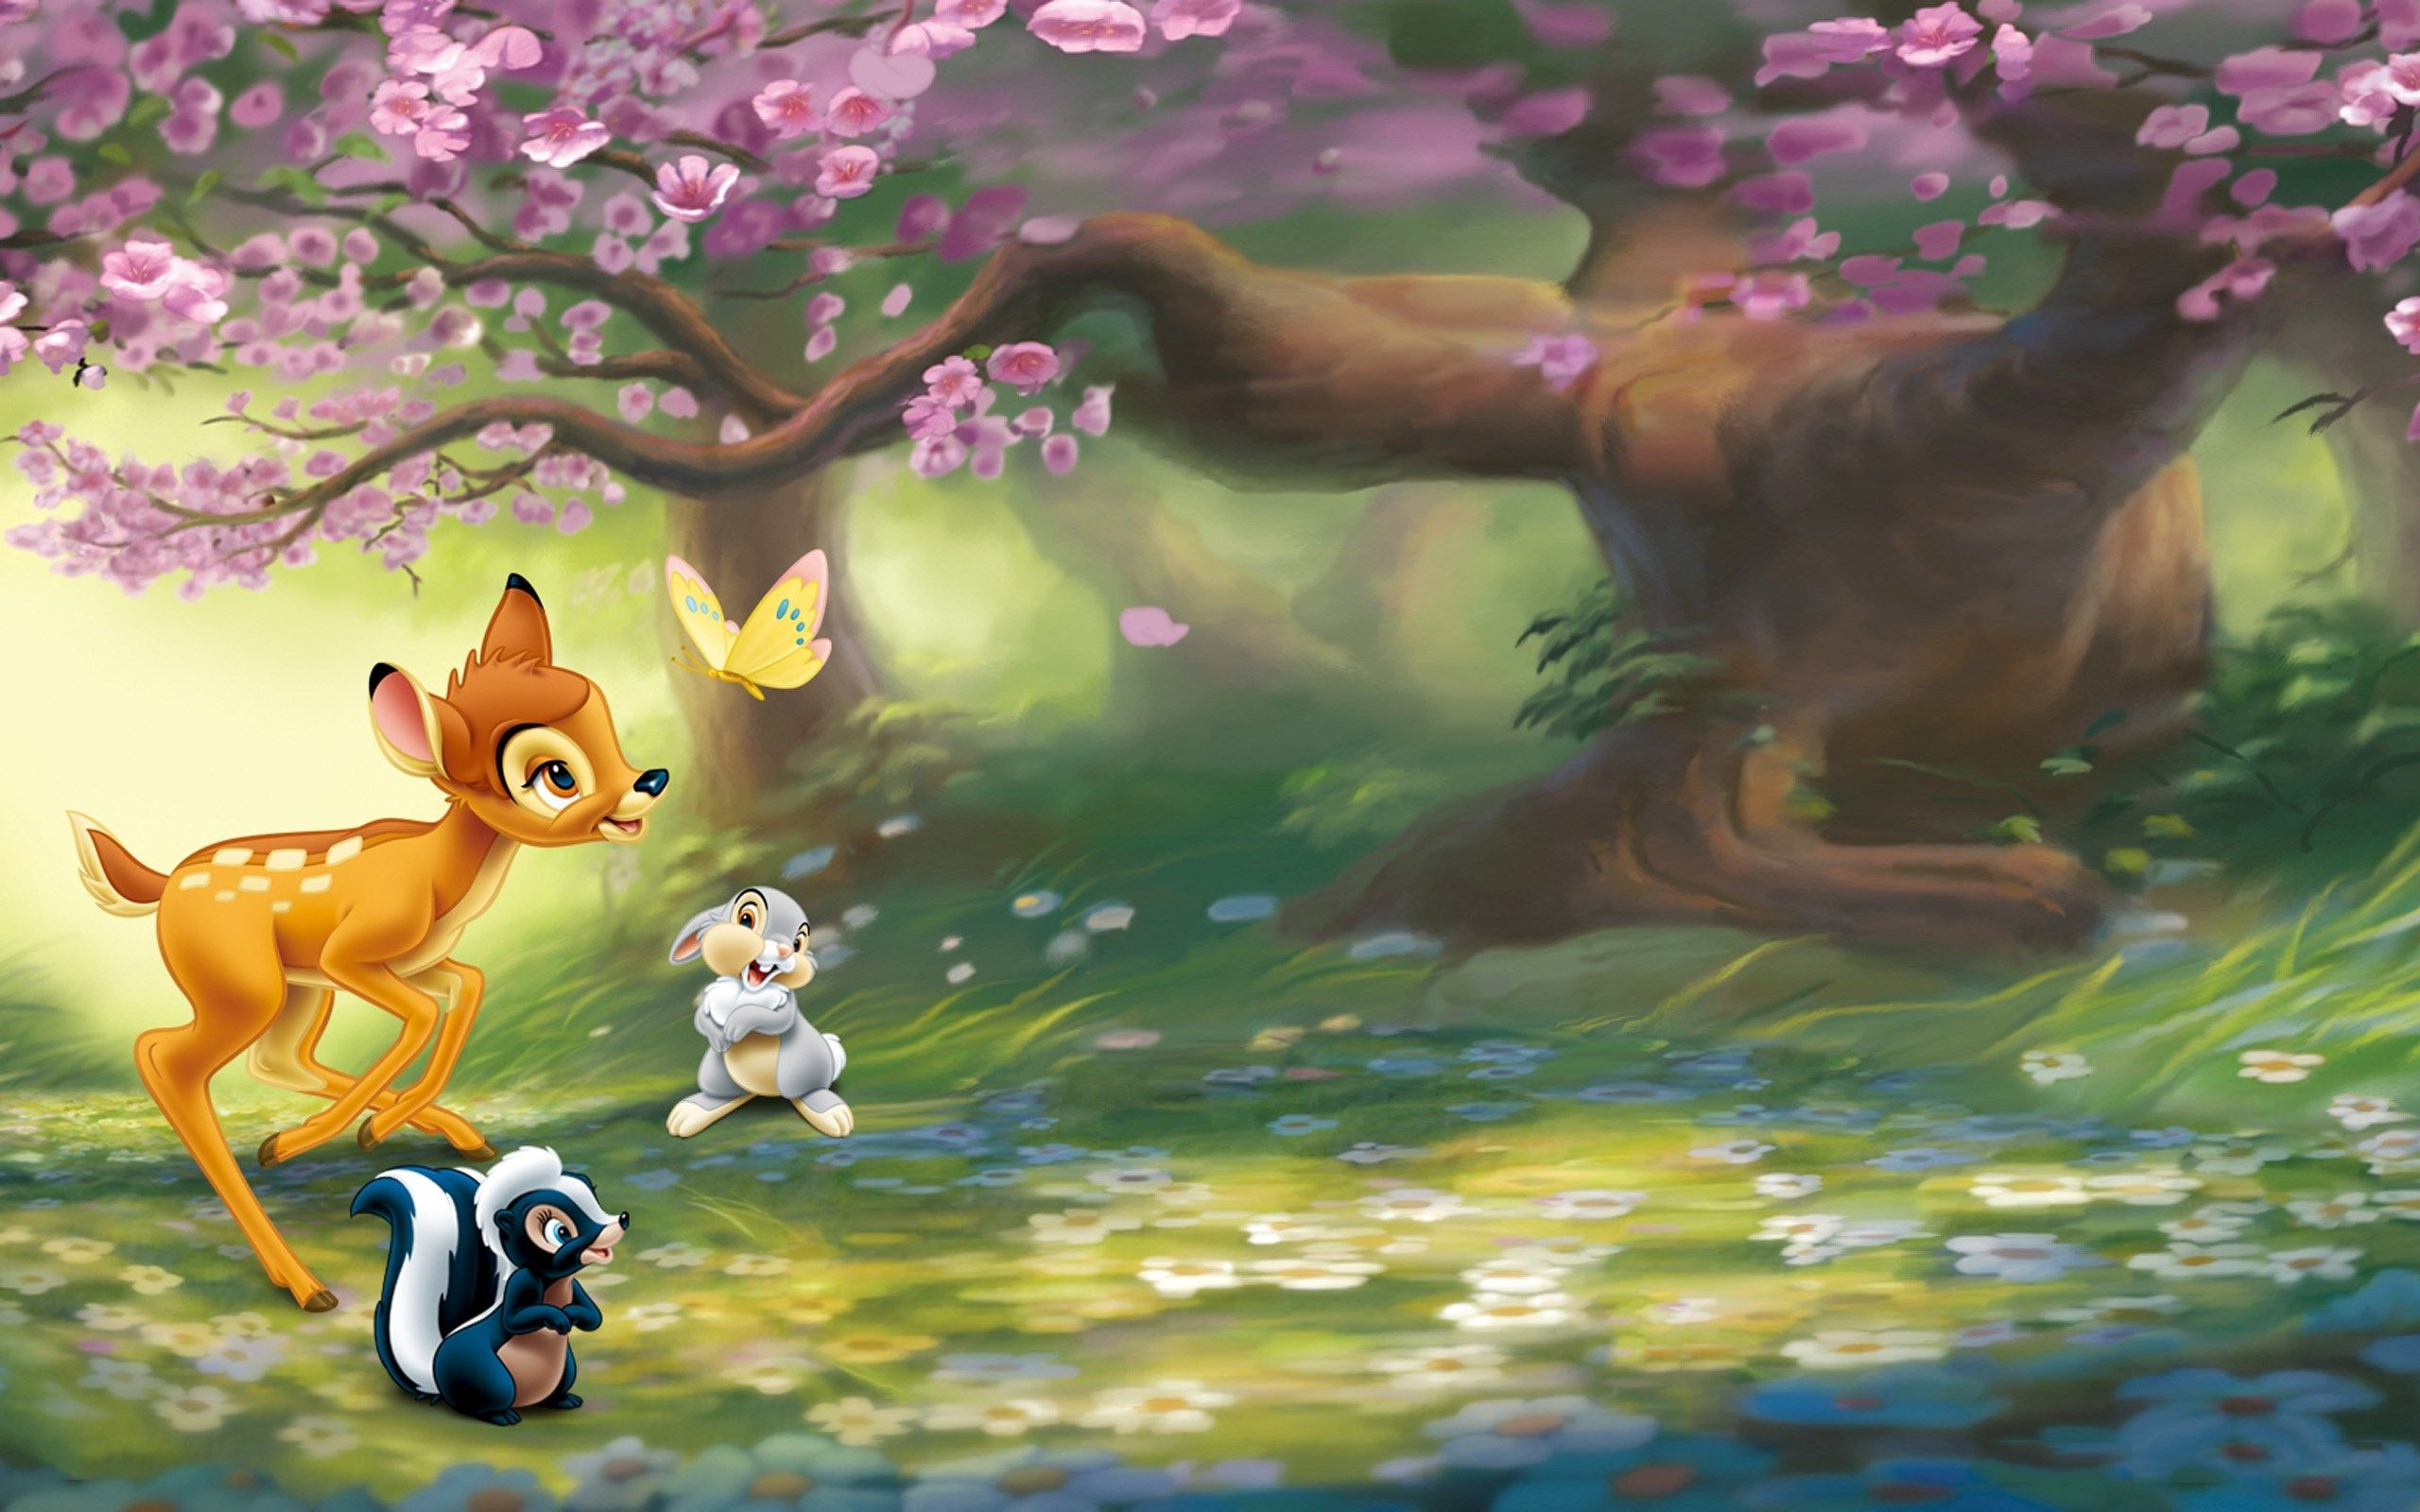 Disney Cartoon Full HD Wallpaper